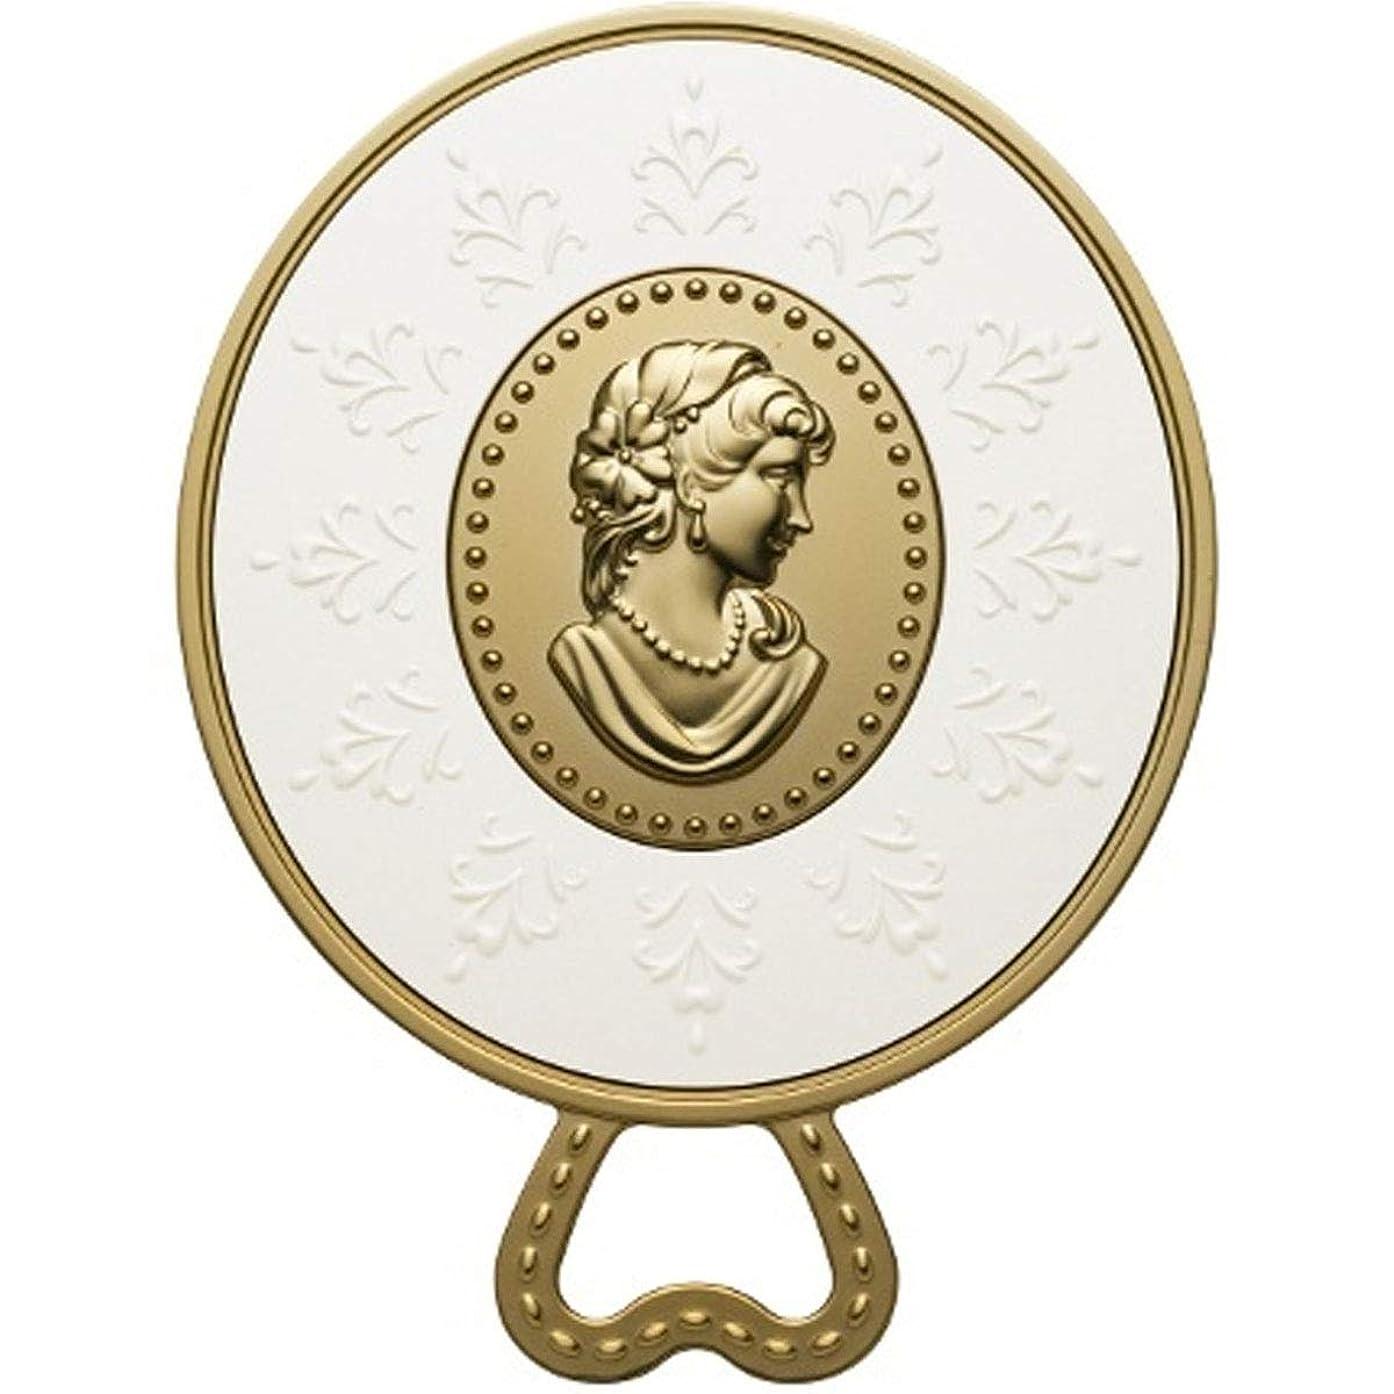 (レ?メルヴェイユーズ ラデュレ) Les Merveilleuses LADUREE ラデュレ ハンドミラー 鏡 カメオ アンティーク調 ゴールド 金 ブランド